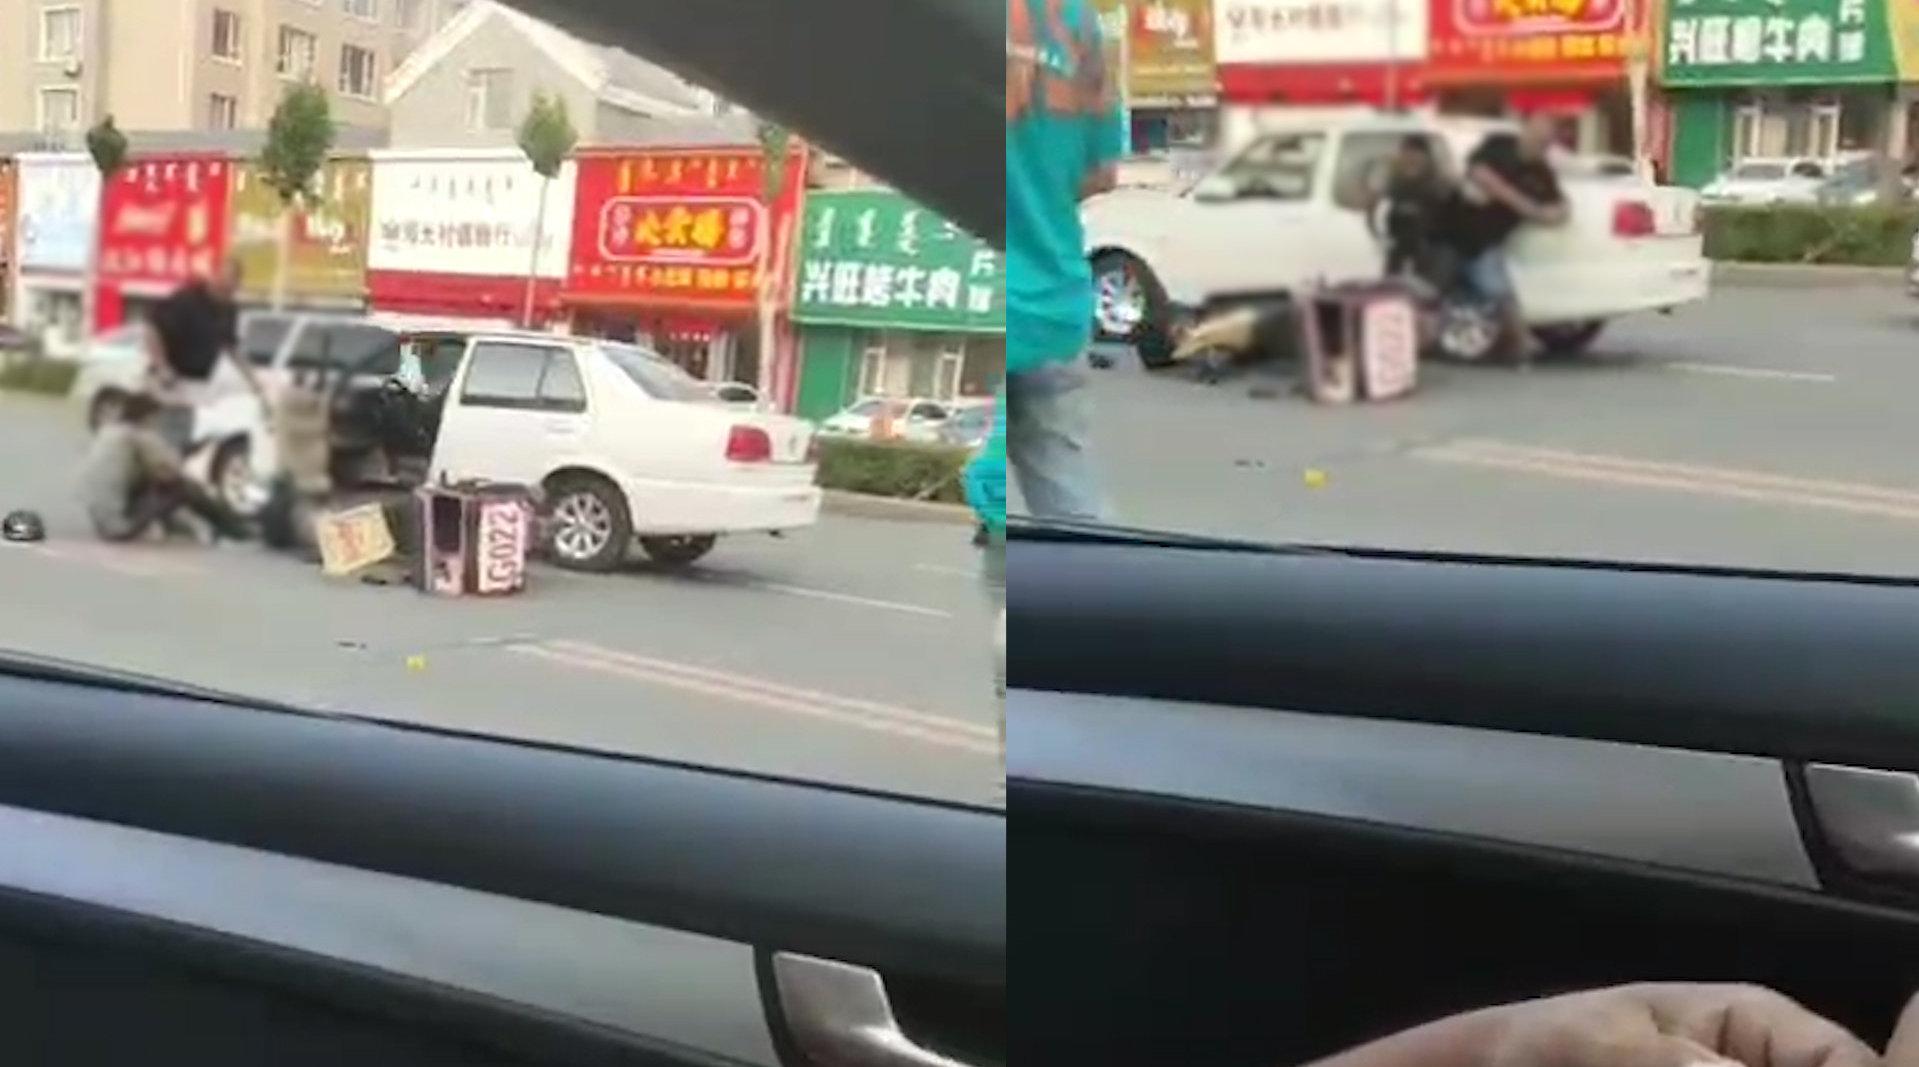 吉林一男子开车撞倒外卖小哥后扯下车牌打人 小哥上前理论又被打倒